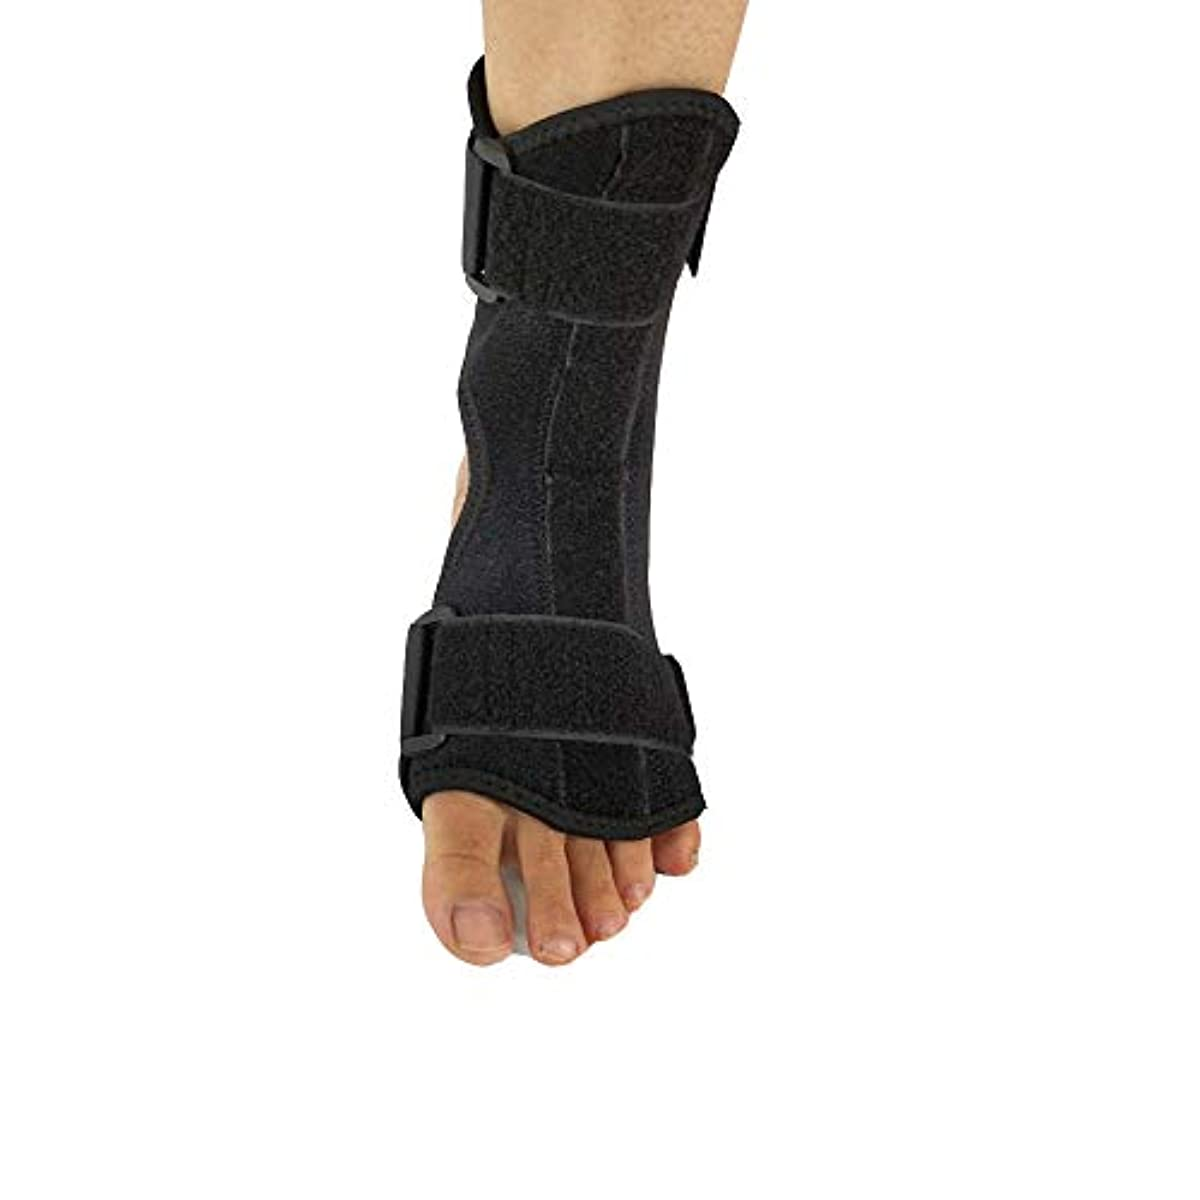 ヒープ地震知らせる足首安定器、足首ブレース、足首サポート、スプリントサポート足首矯正装具ブレース、捻rainサポート、緊張、関節炎